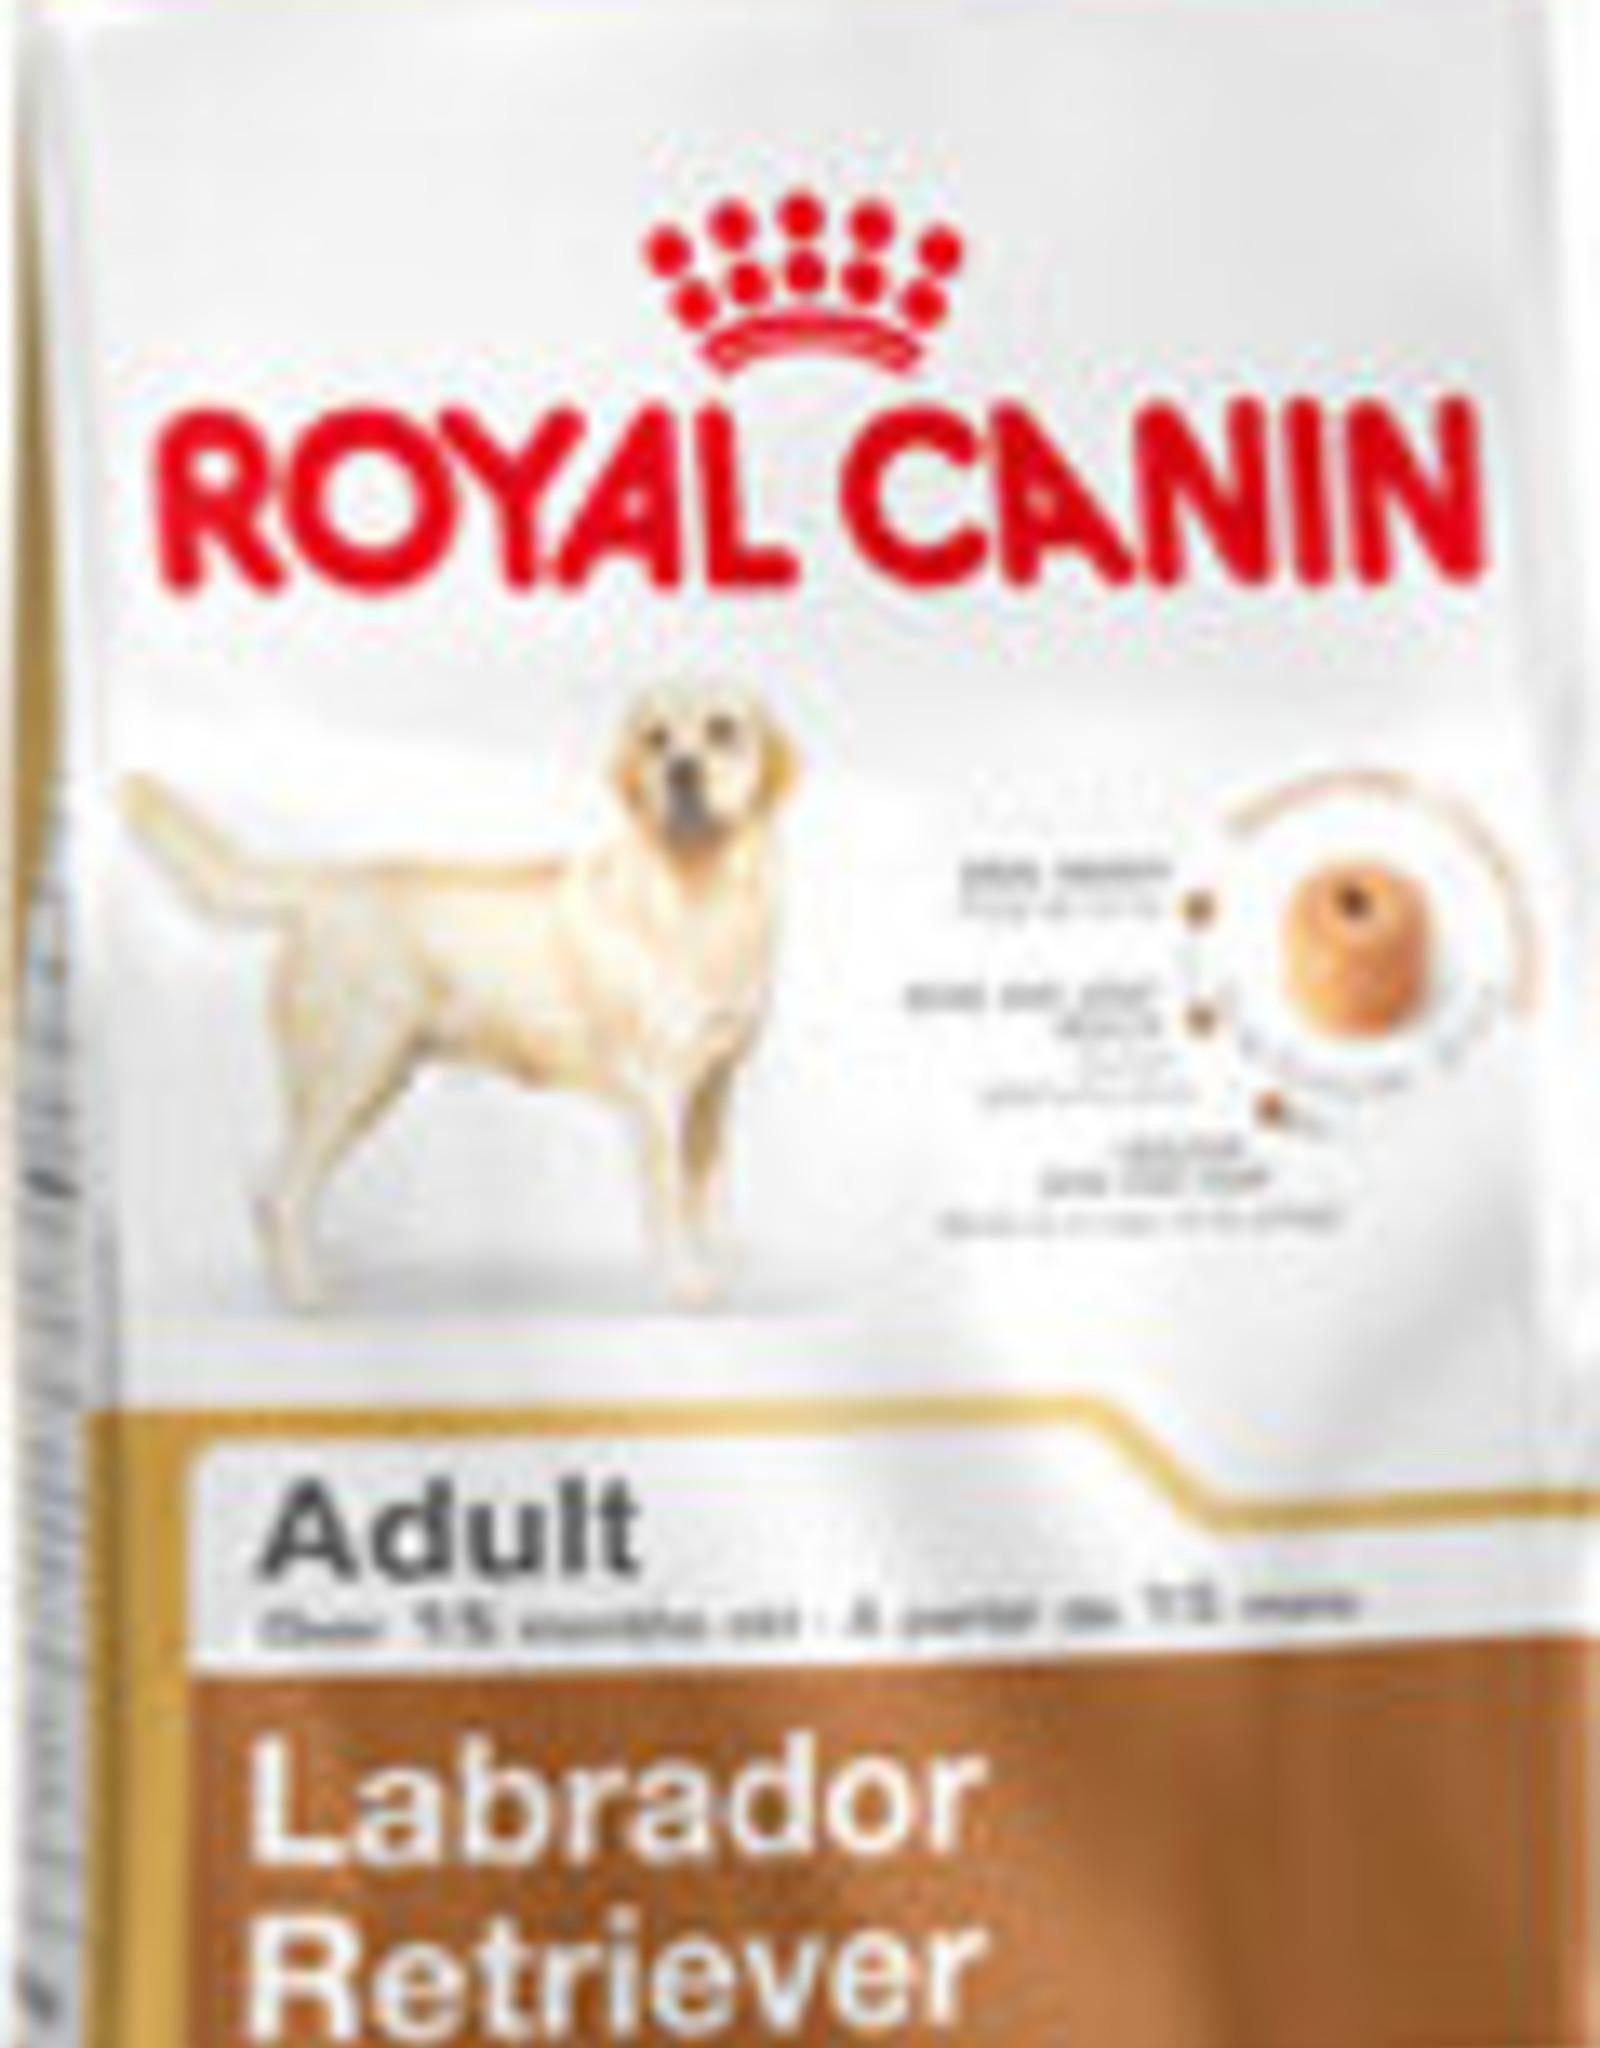 Royal Canin Royal Canin Bhn Labrador Retriever 3kg